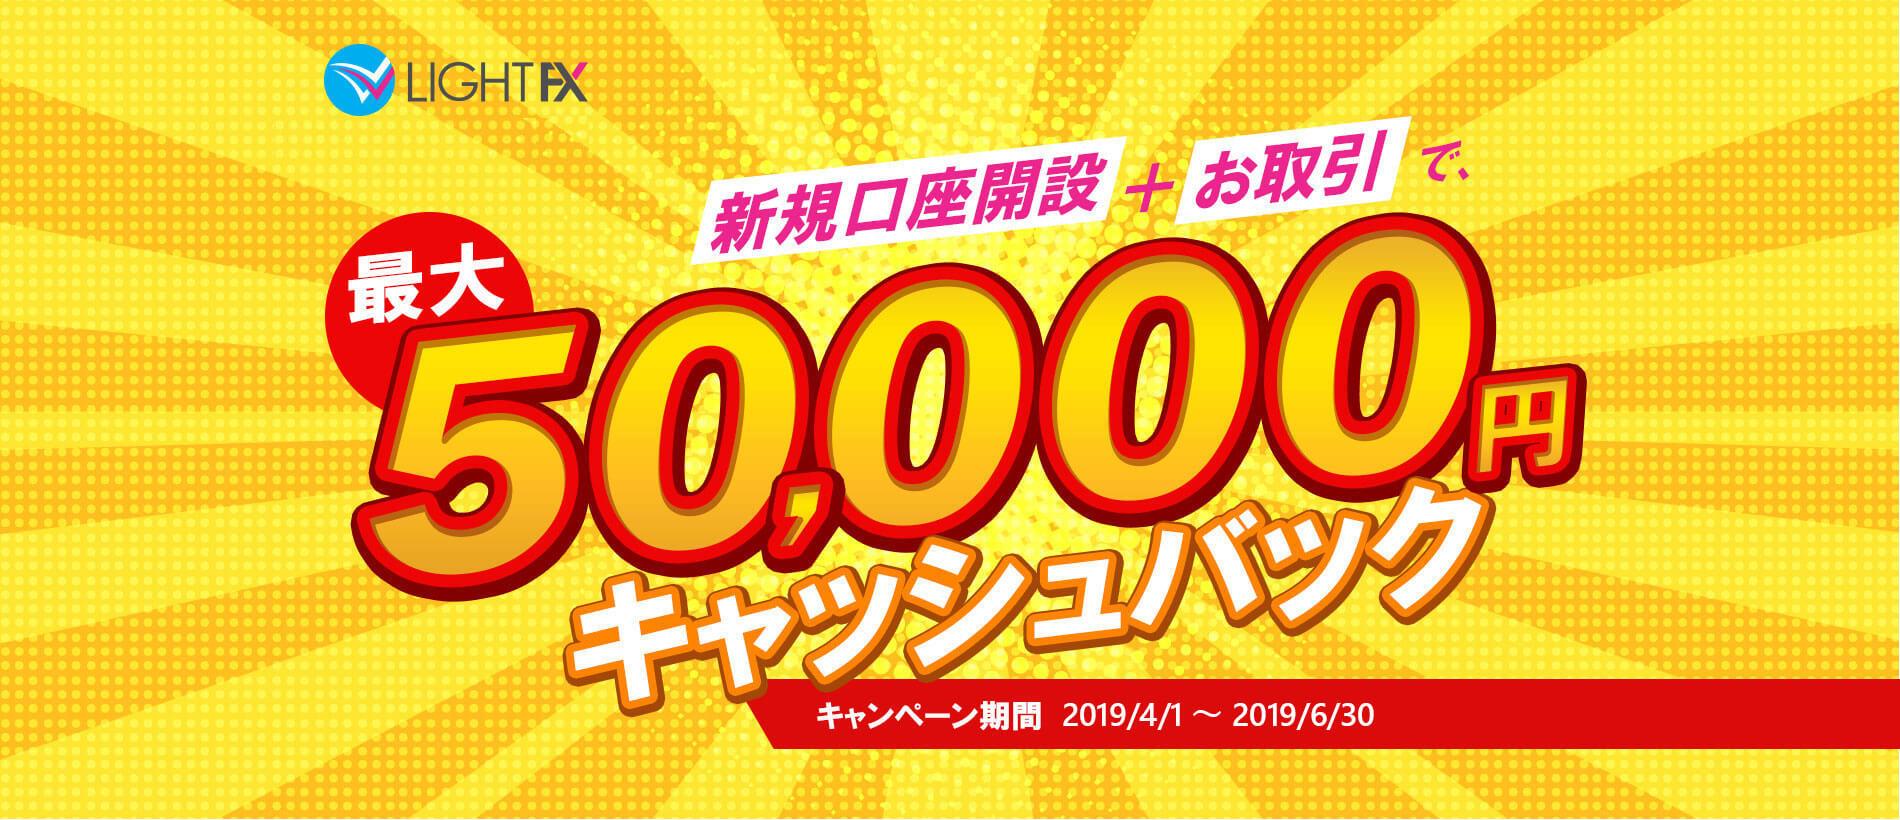 5万円のキャッシュバック